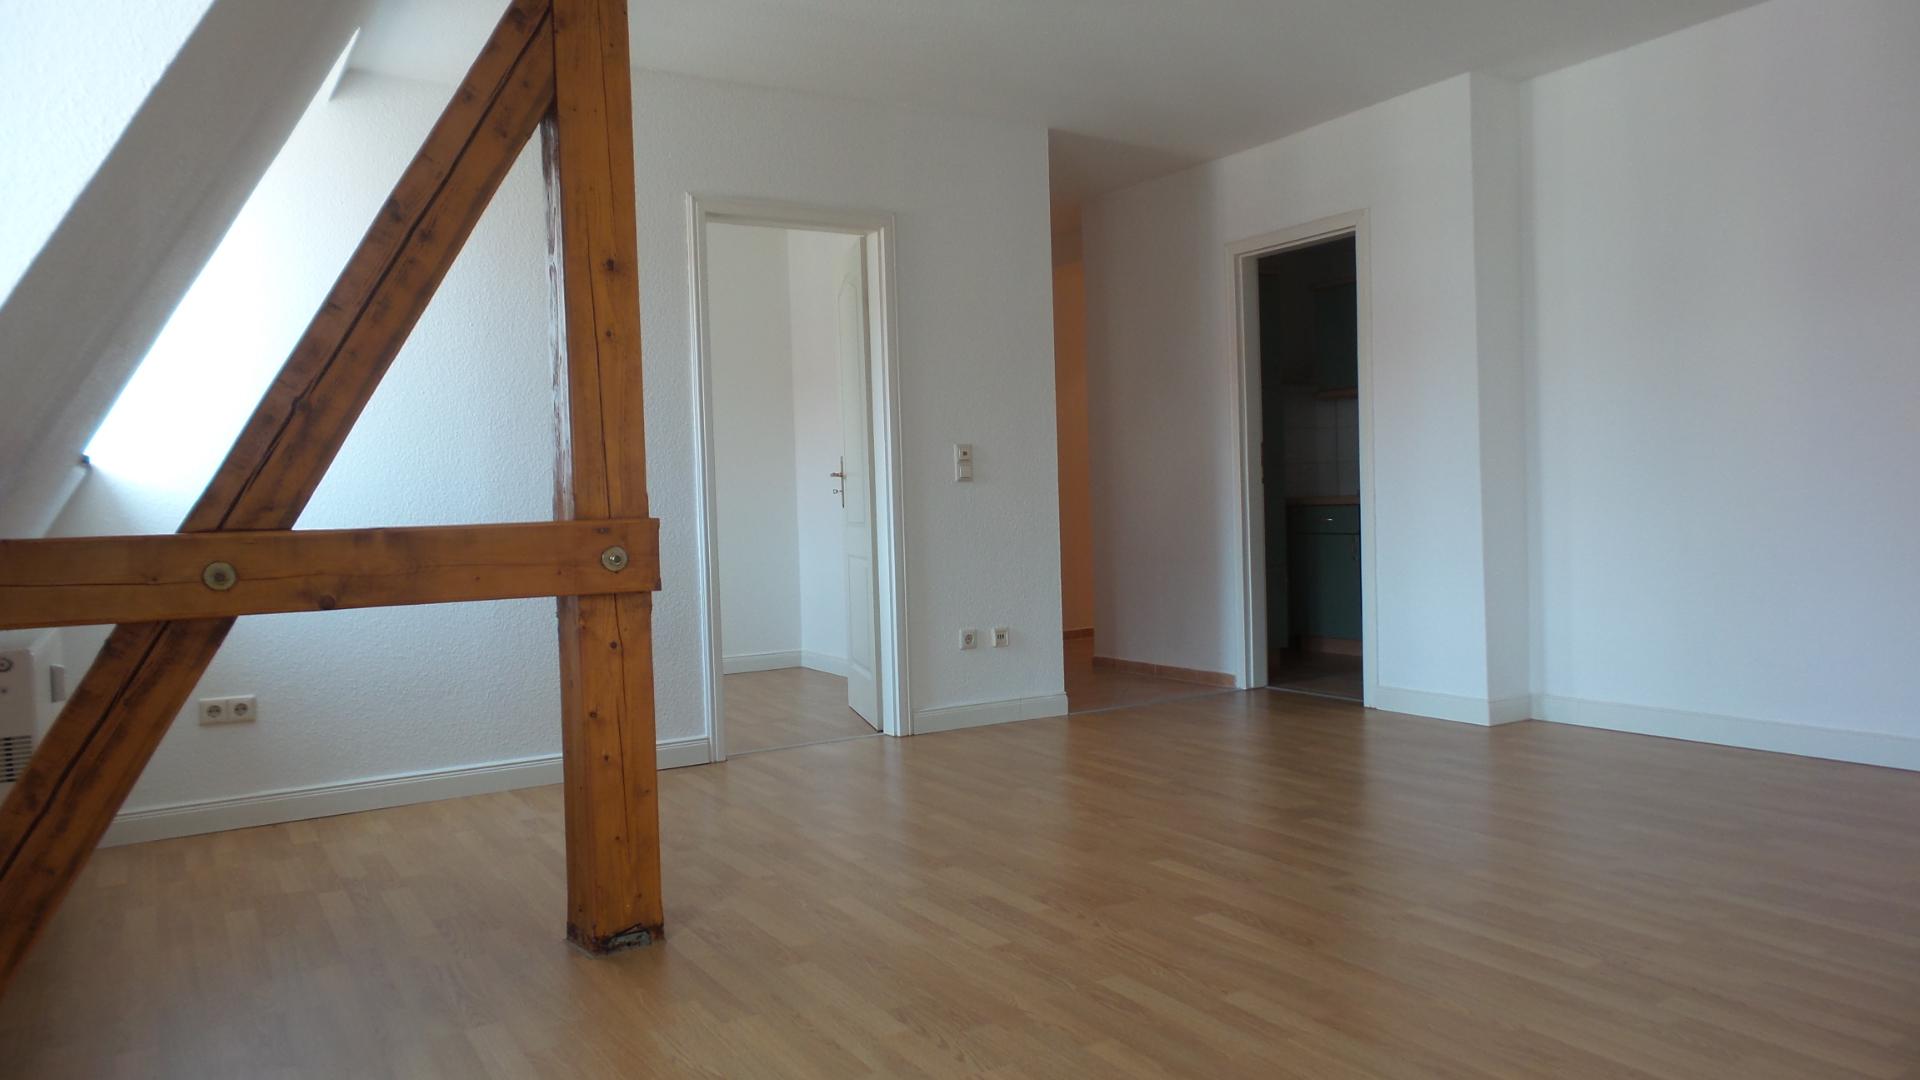 Mietwohnung: Vermietung von 1,5-Raum Dachgeschosswohnung in Görlitz, Lutherstraße 21